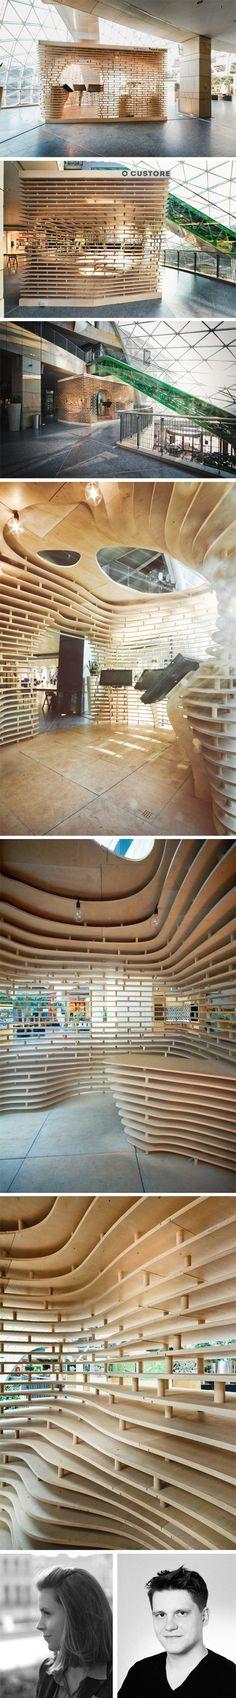 Custore Pavilion par Anna Dobek et Mateusz Wojcicki - Journal du Design